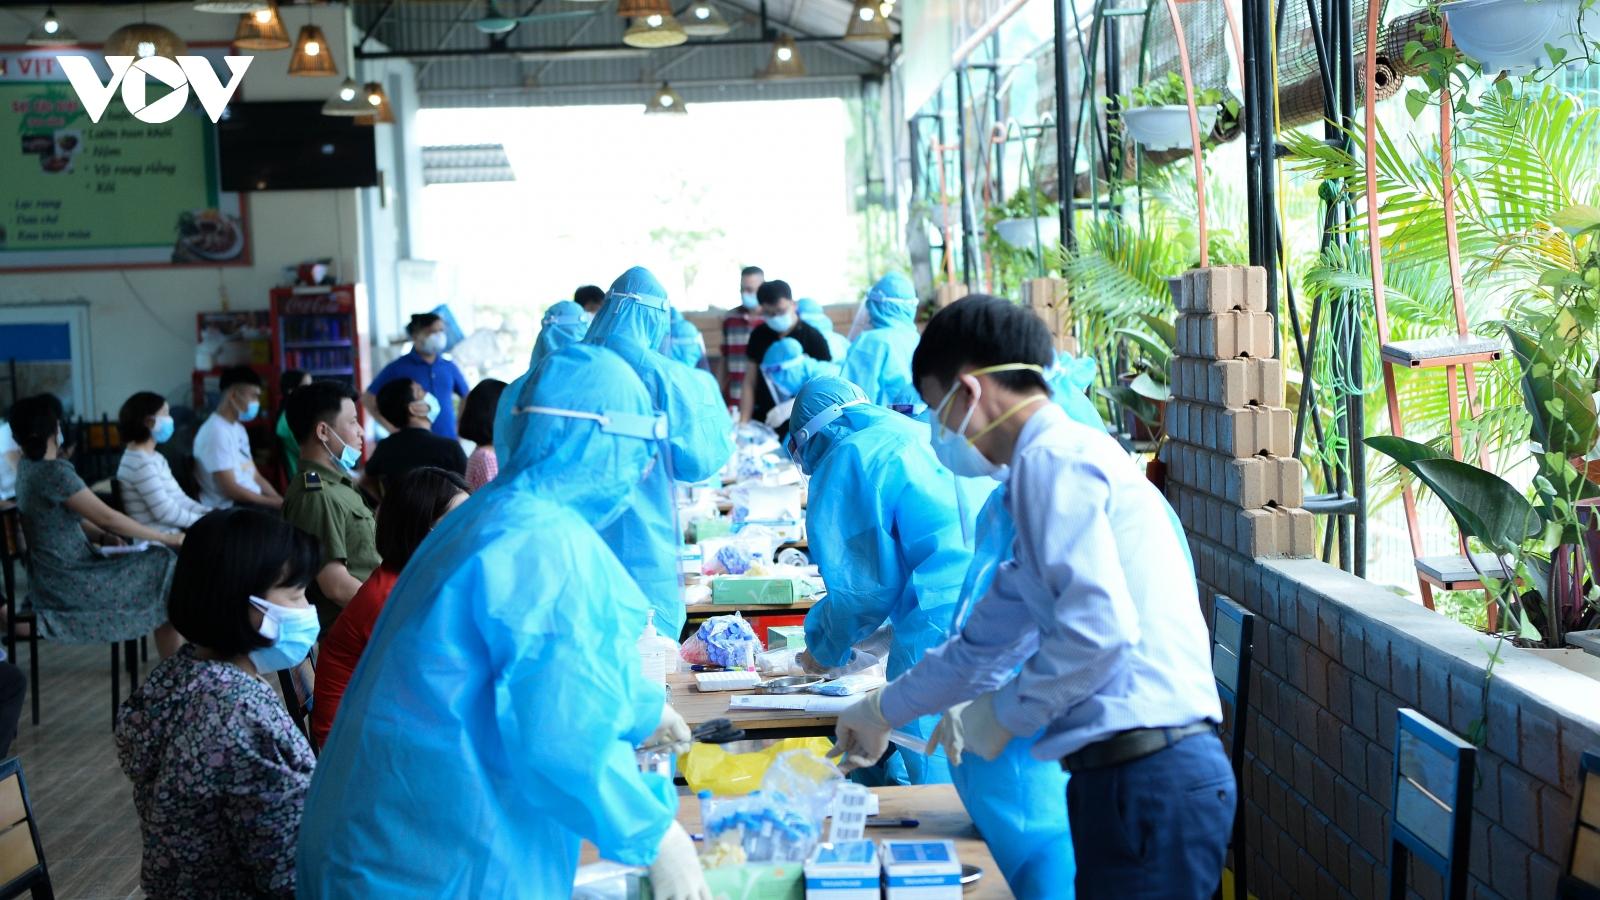 Vĩnh Phúc hỏa tốc triển khai xét nghiệm Covid-19 cho 100% công nhân tại khu công nghiệp